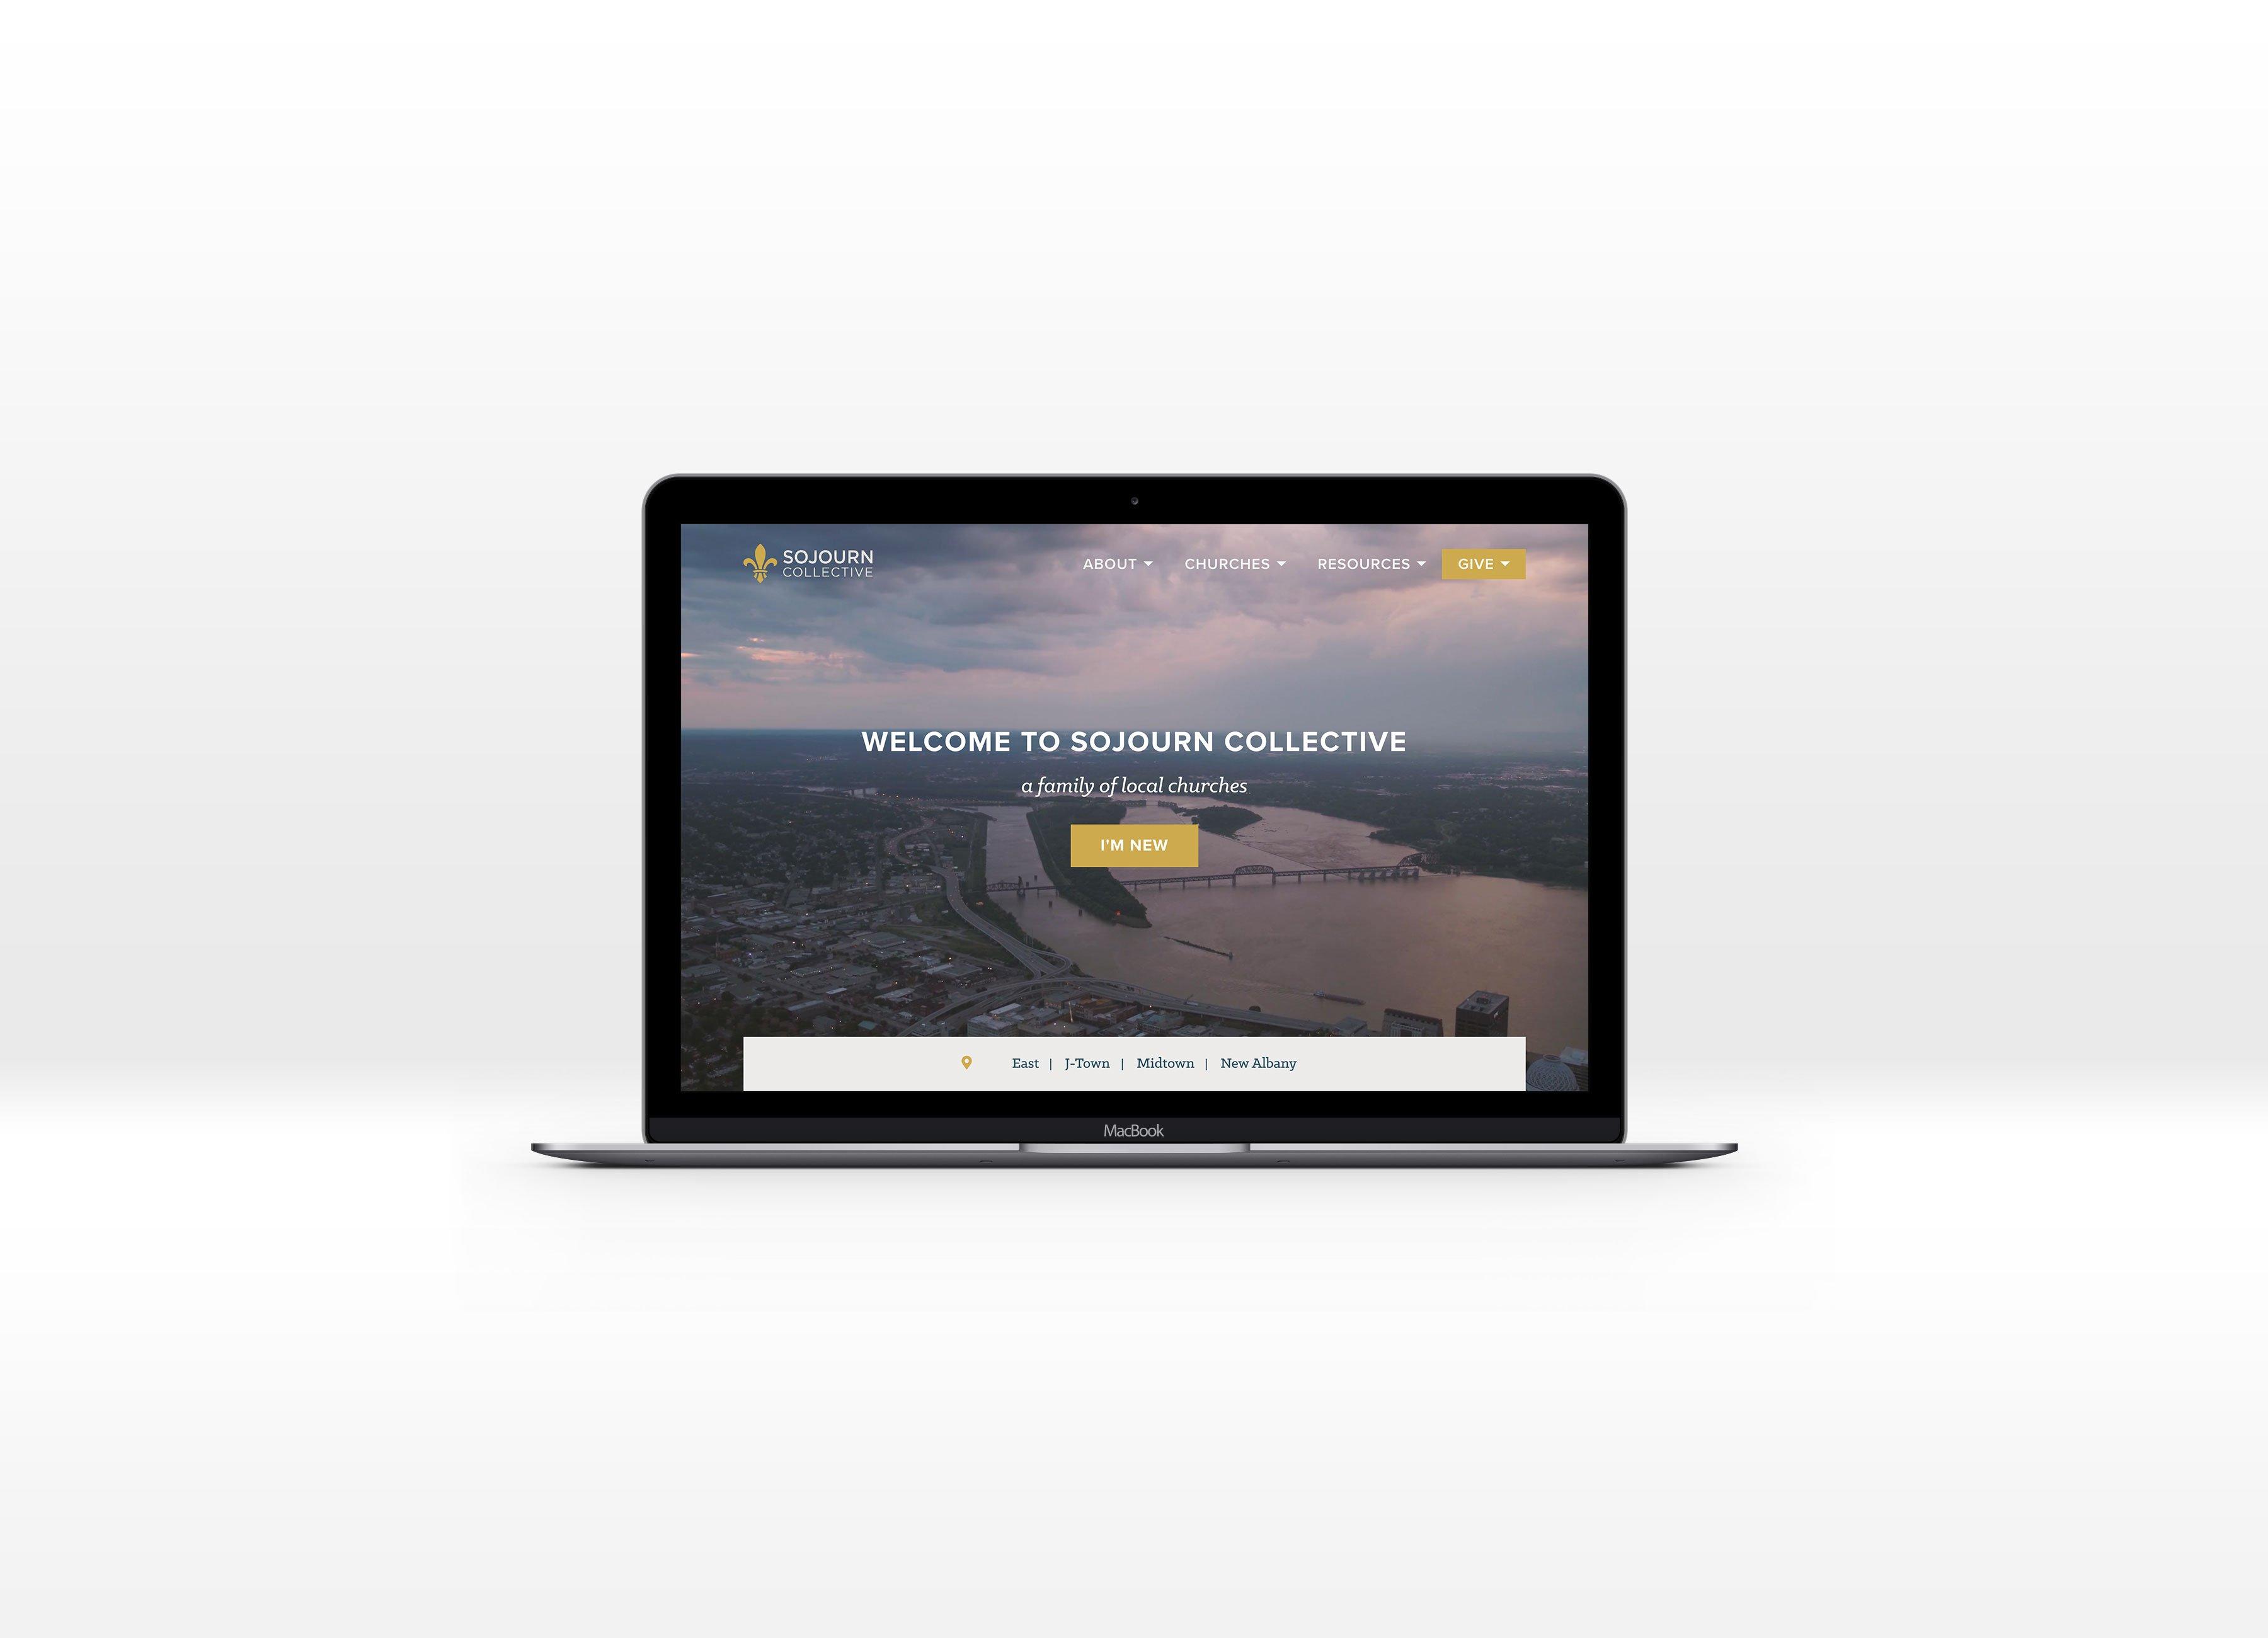 SC_MacBook_Mockup_Homepage